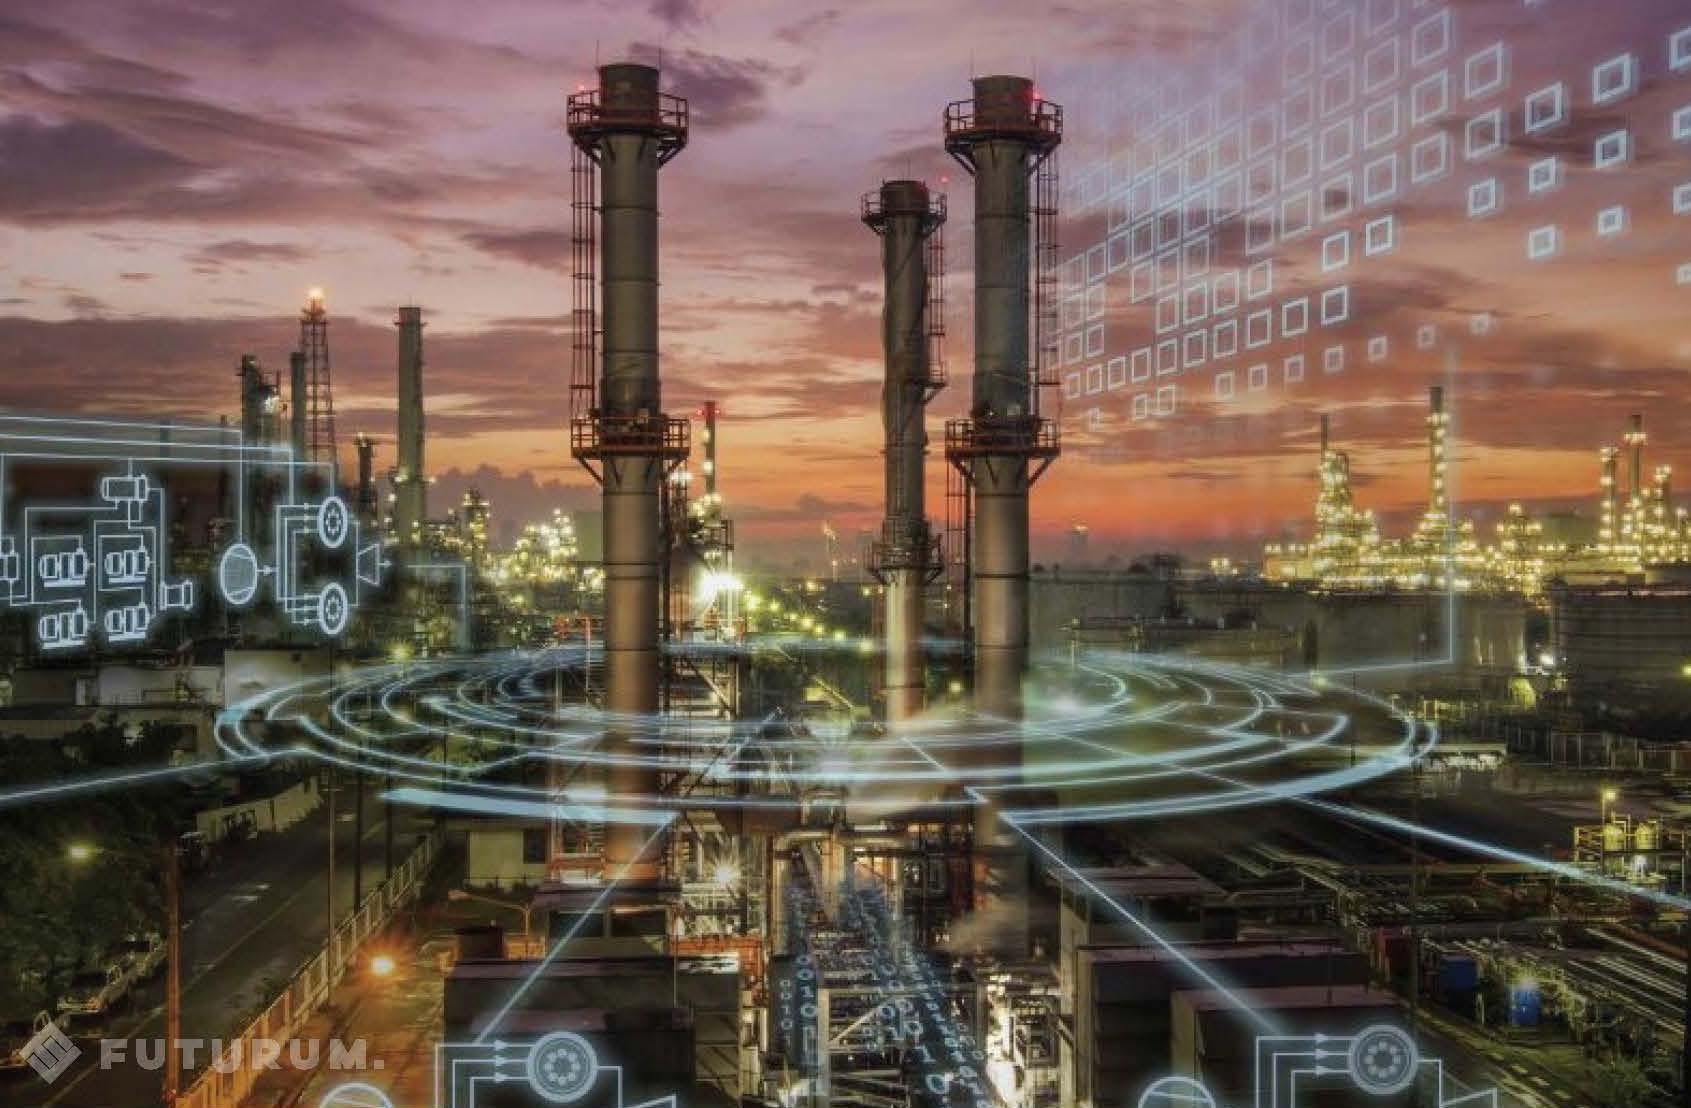 SAP-WP-Oil-Gas